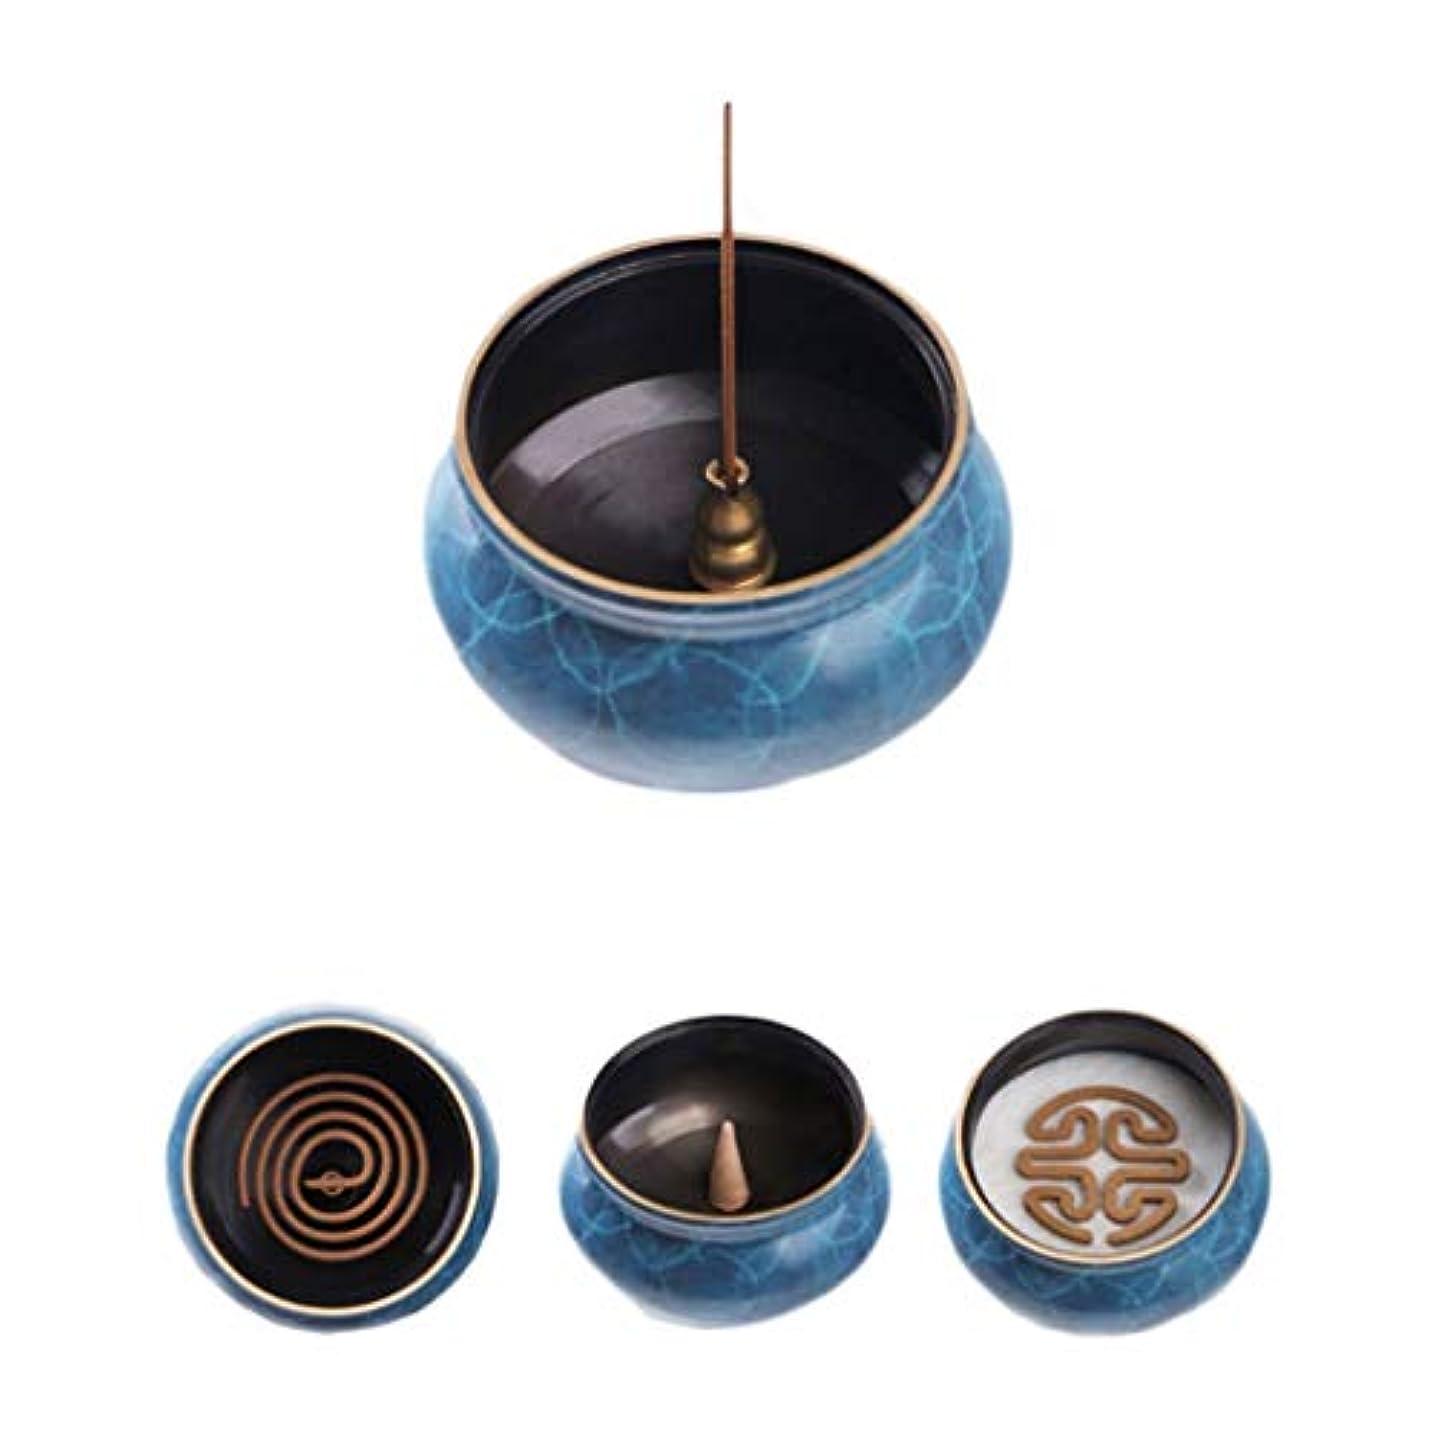 ターゲット着る属性芳香器?アロマバーナー 純粋な銅香炉ホームアンティーク白檀用仏寒天香炉香り装飾アロマセラピー炉 芳香器?アロマバーナー (Color : Blue copper)